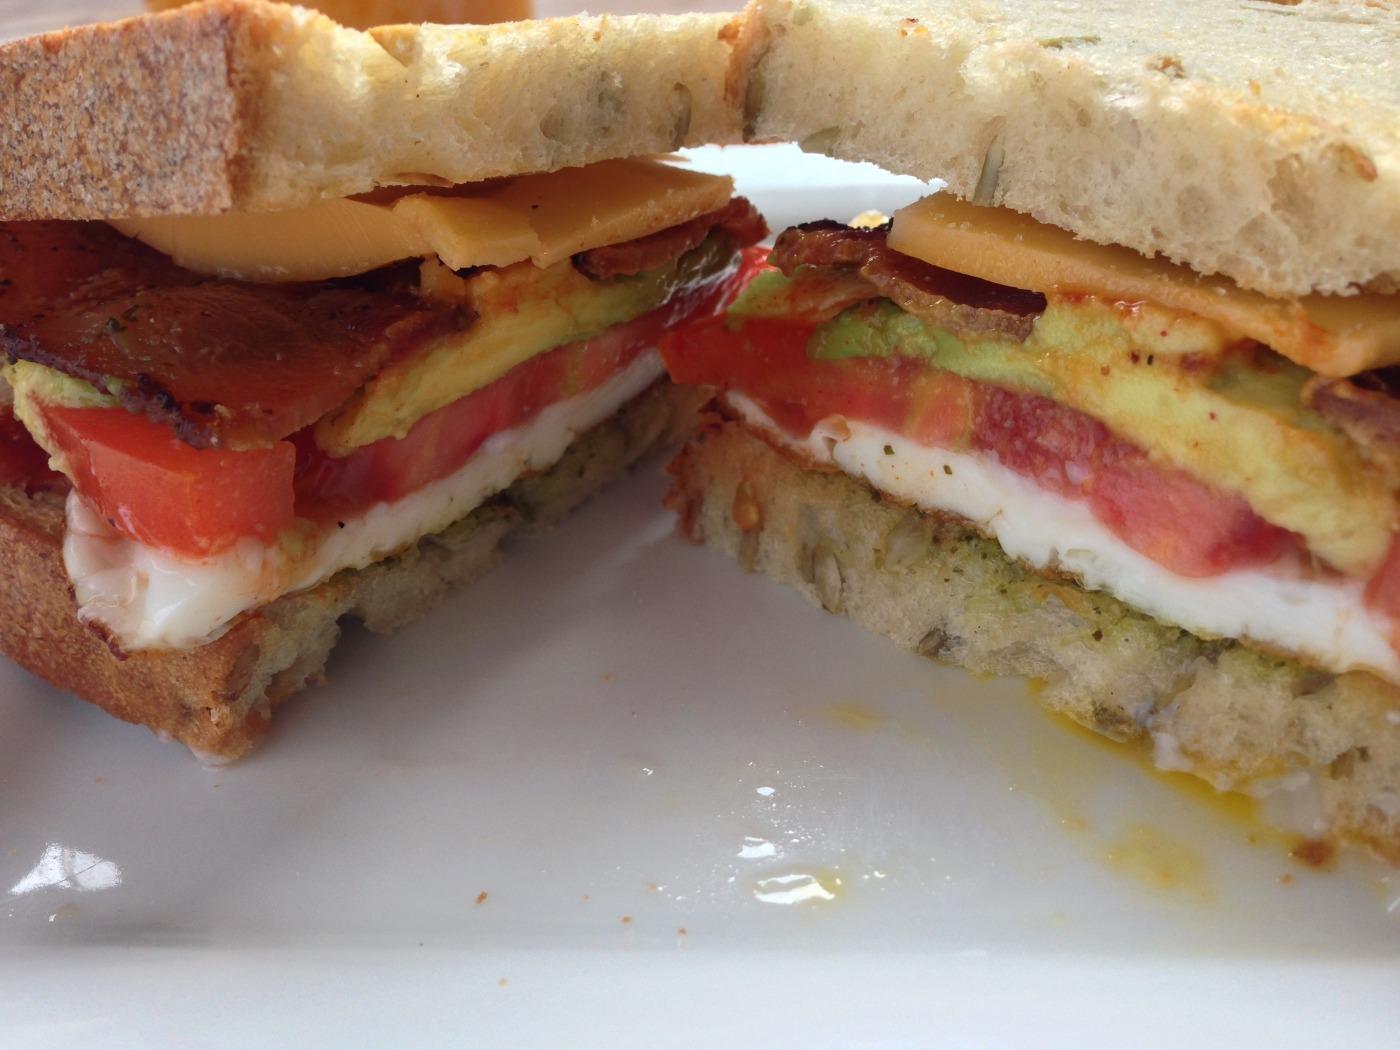 Sandwich_final